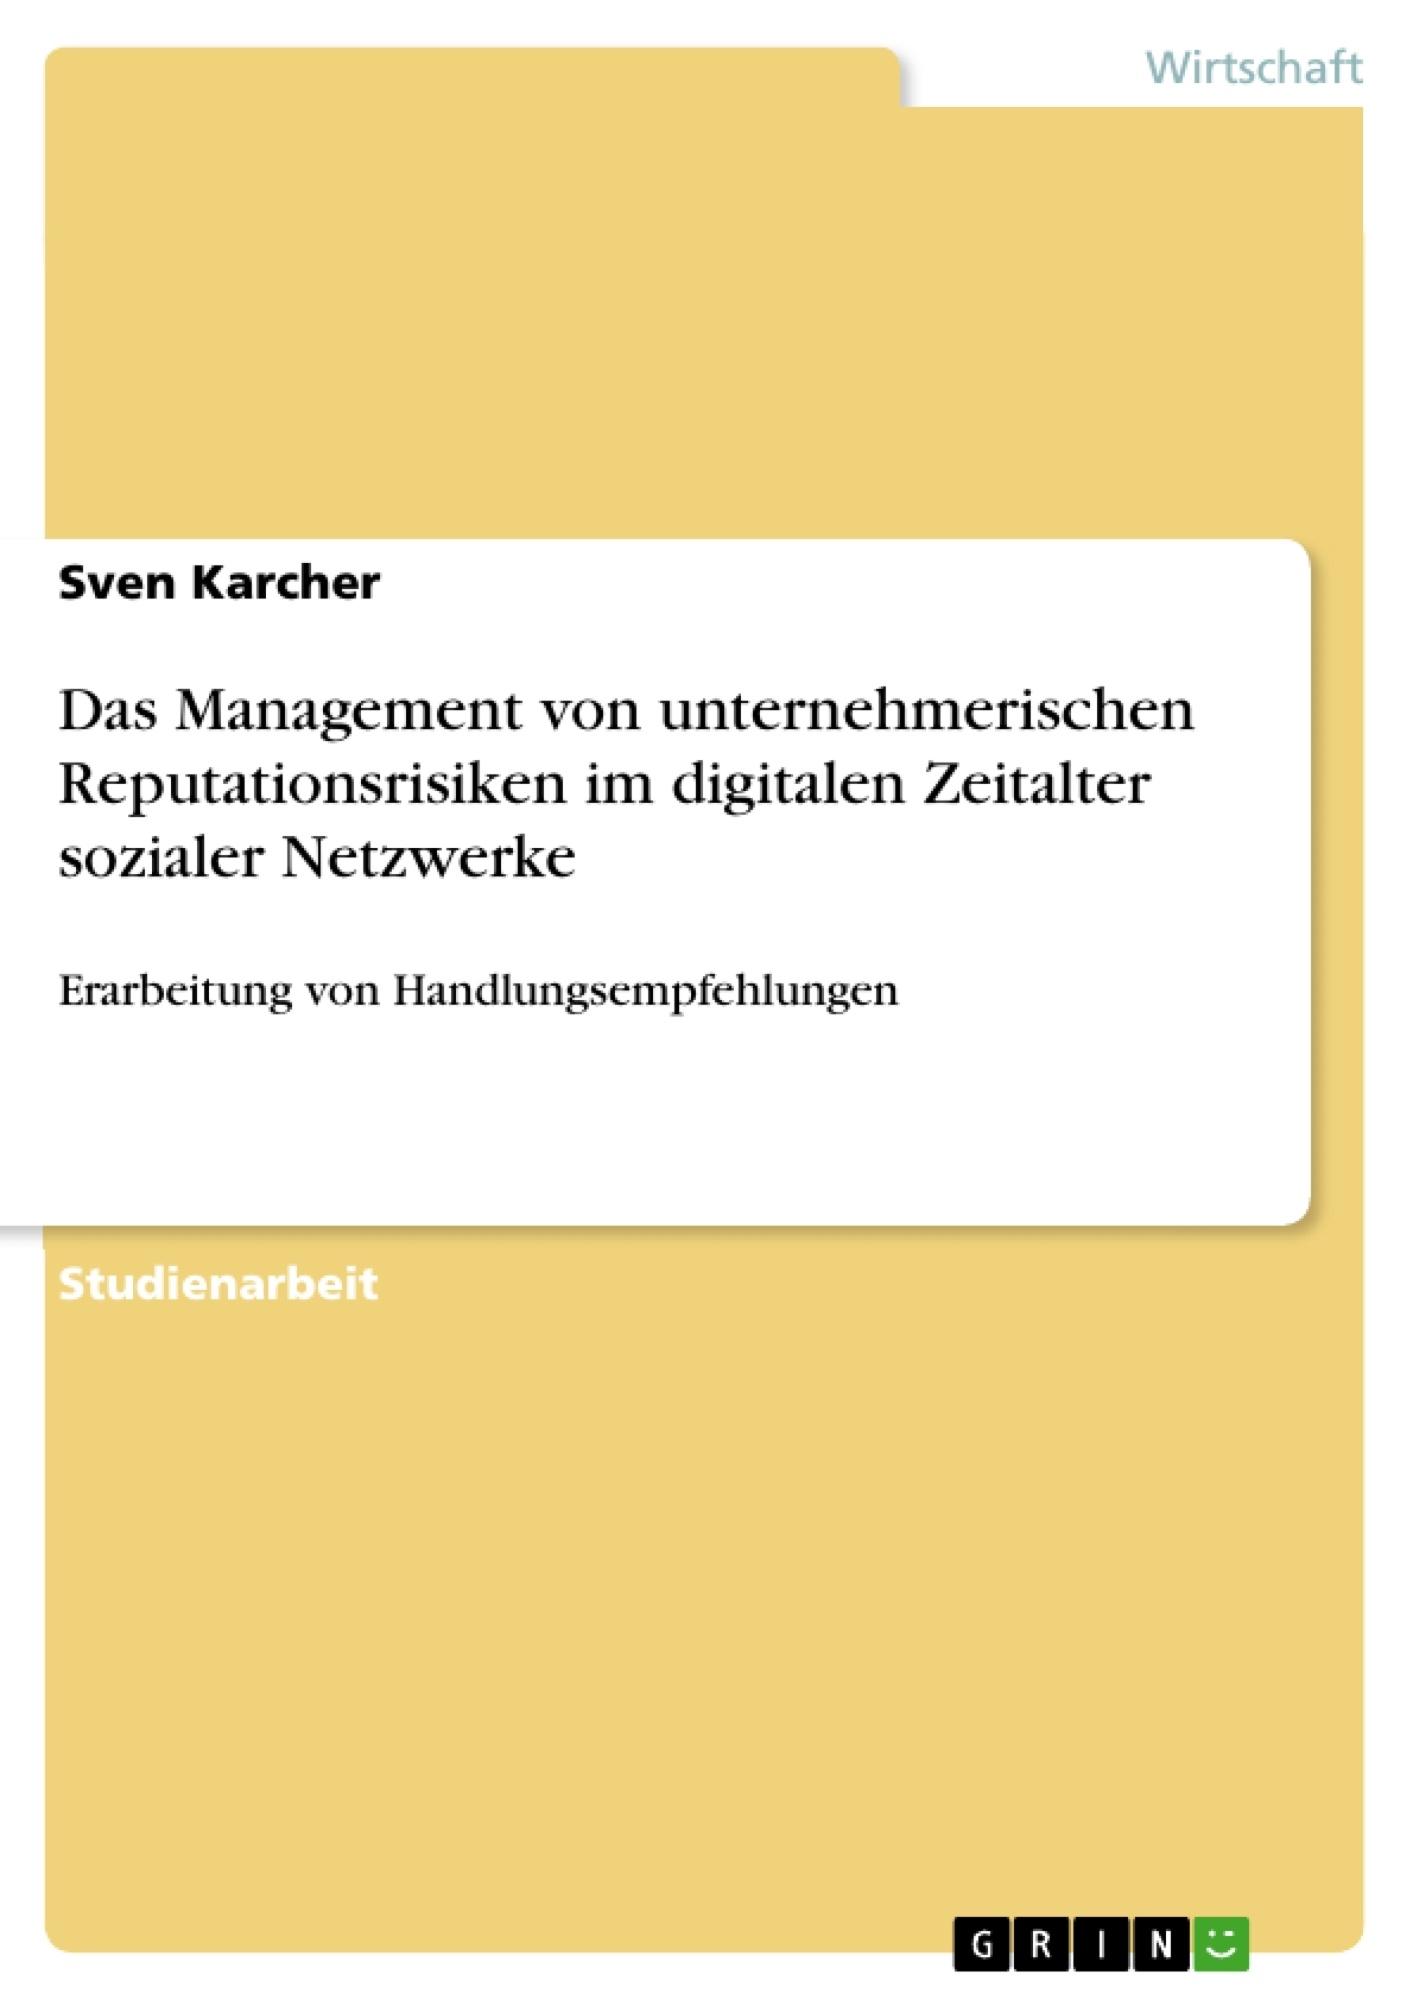 Titel: Das Management von unternehmerischen Reputationsrisiken im digitalen Zeitalter sozialer Netzwerke